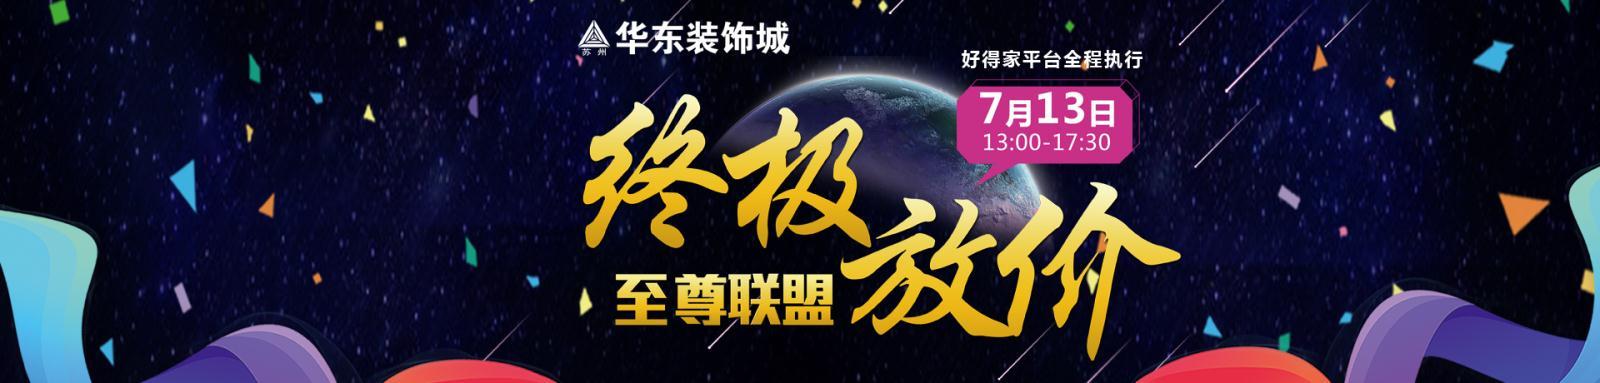 華東裝飾城7月13日六重好禮好得家平臺百萬補貼